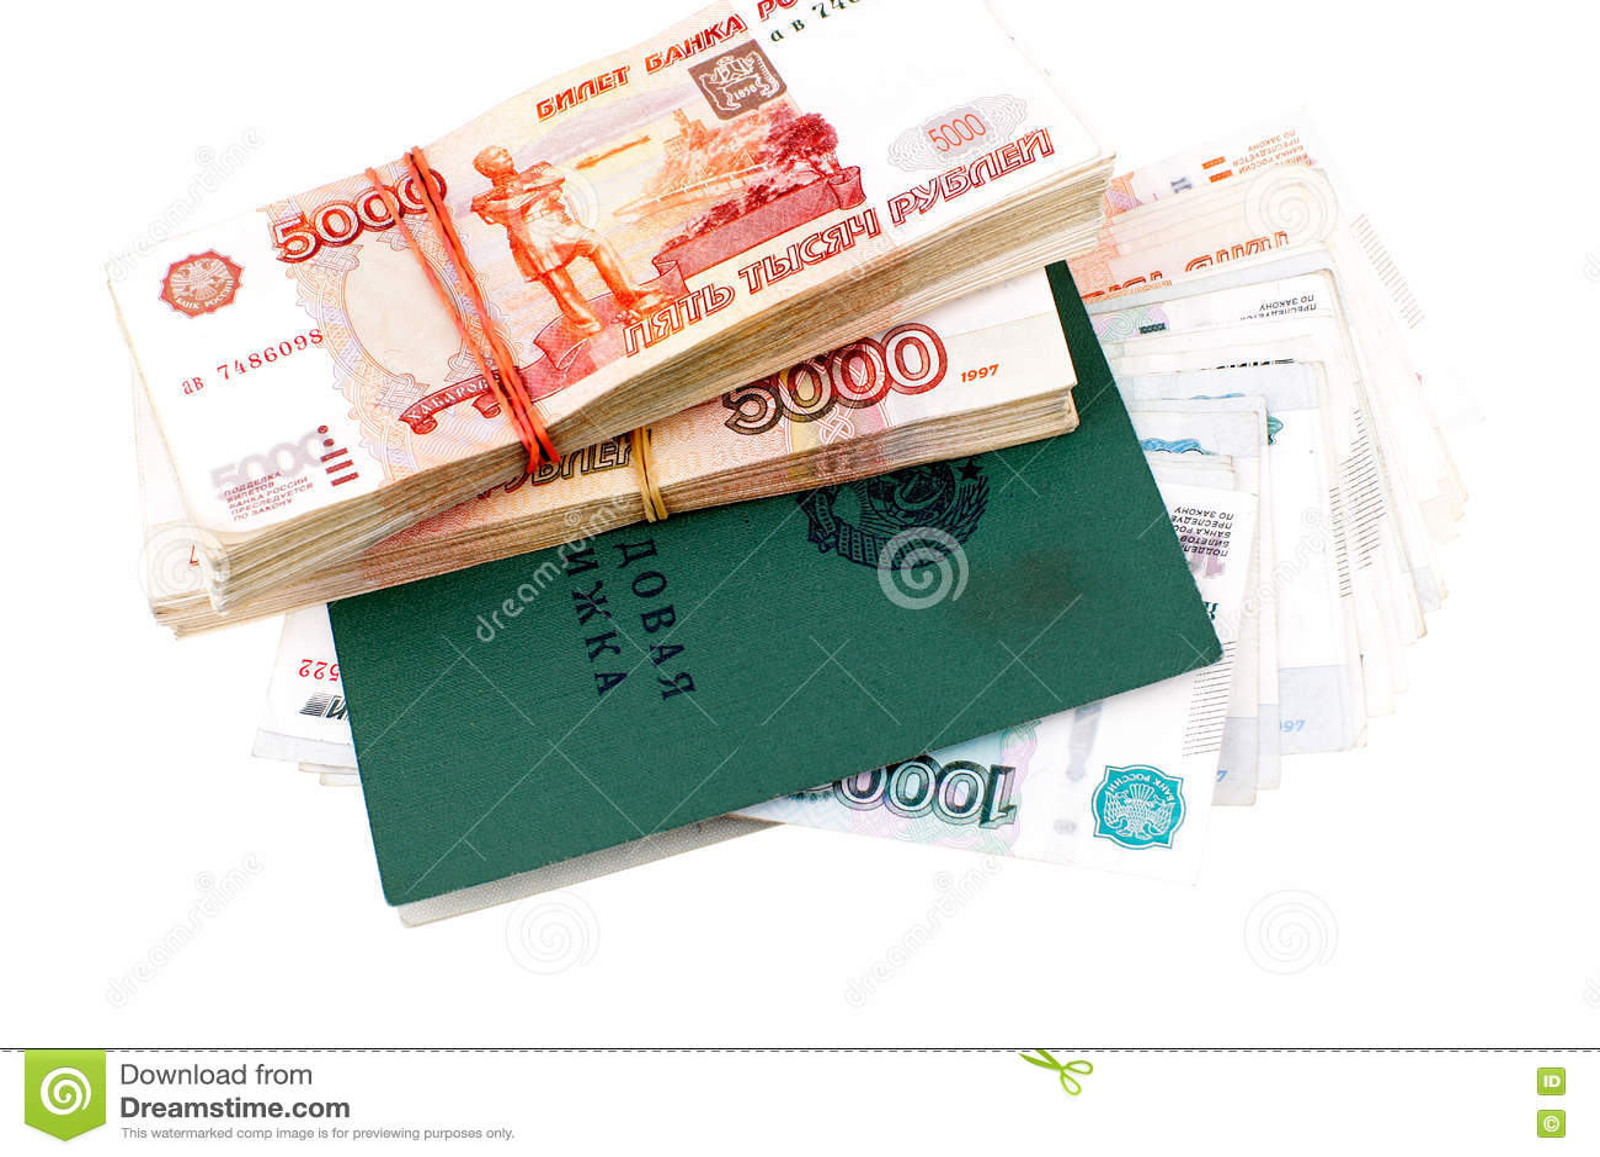 Ρωσικό βιβλίο εργασίας και ένα εκατομμύριο ρούβλια